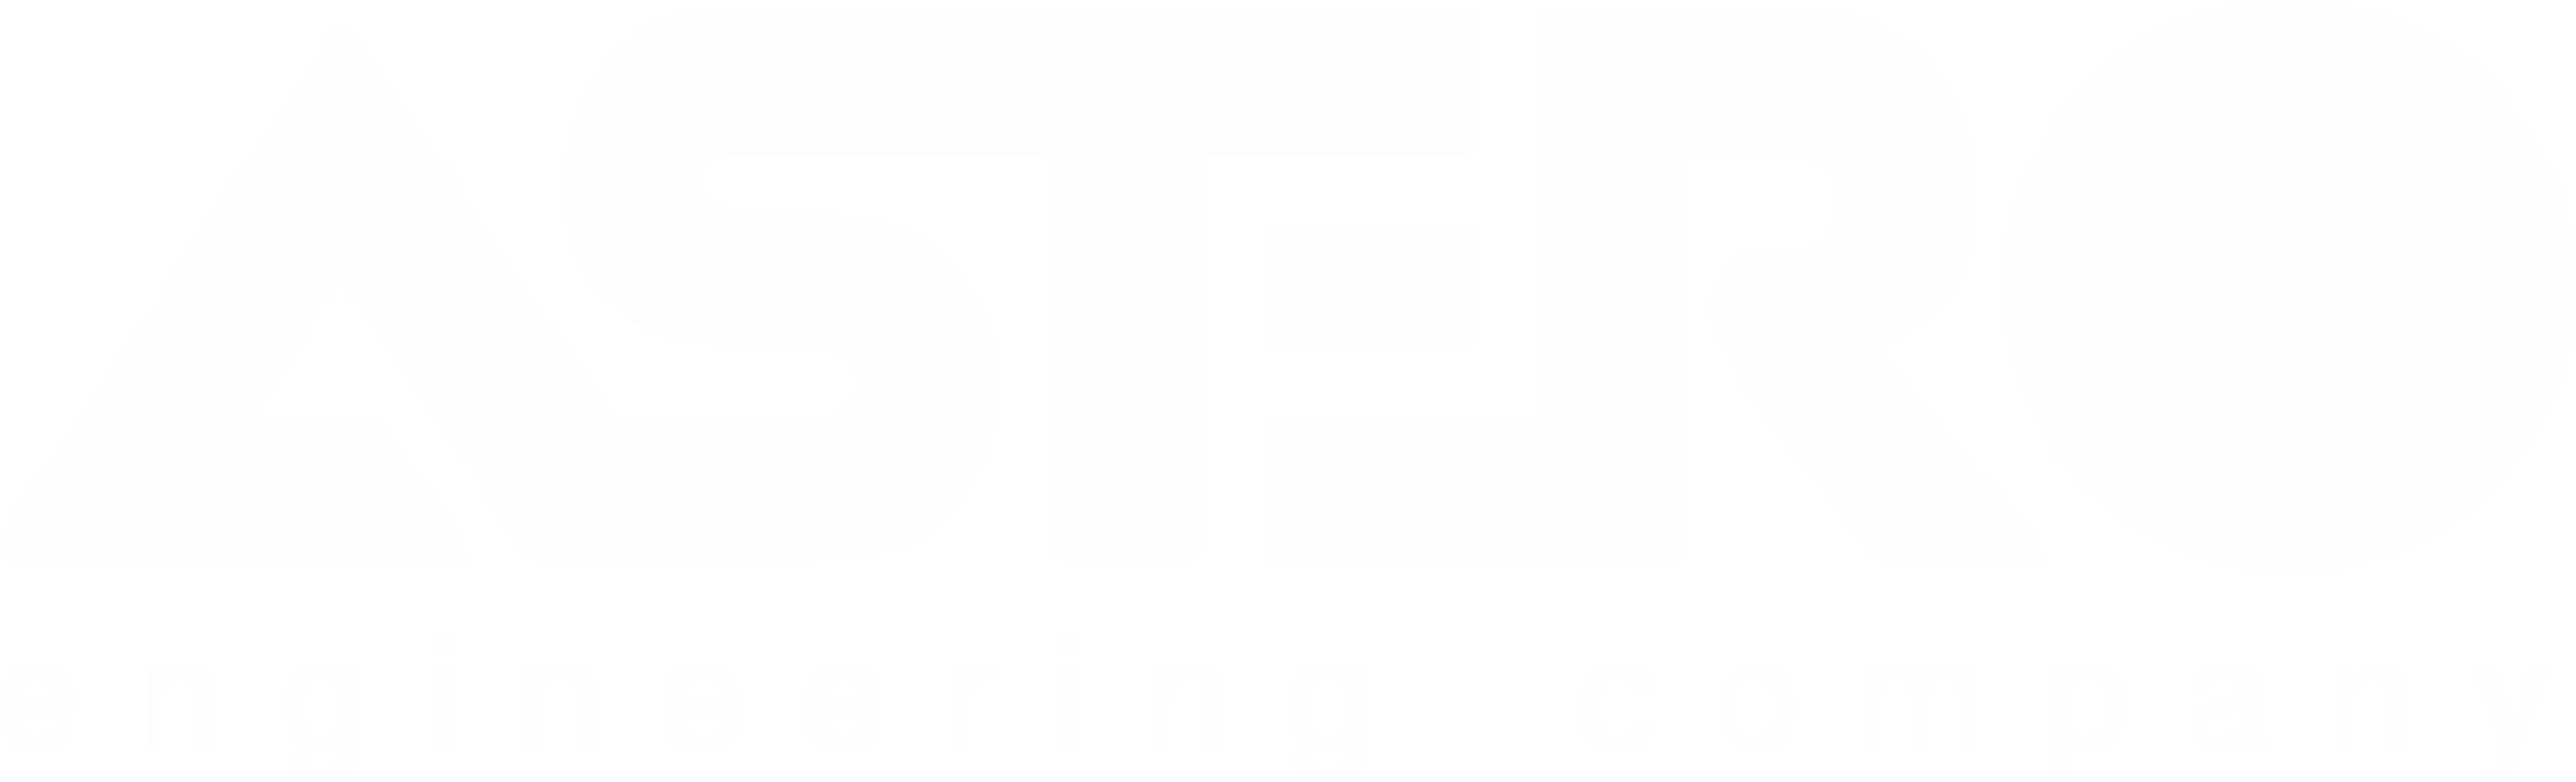 АСТЕРО - Инжиниринговая компания